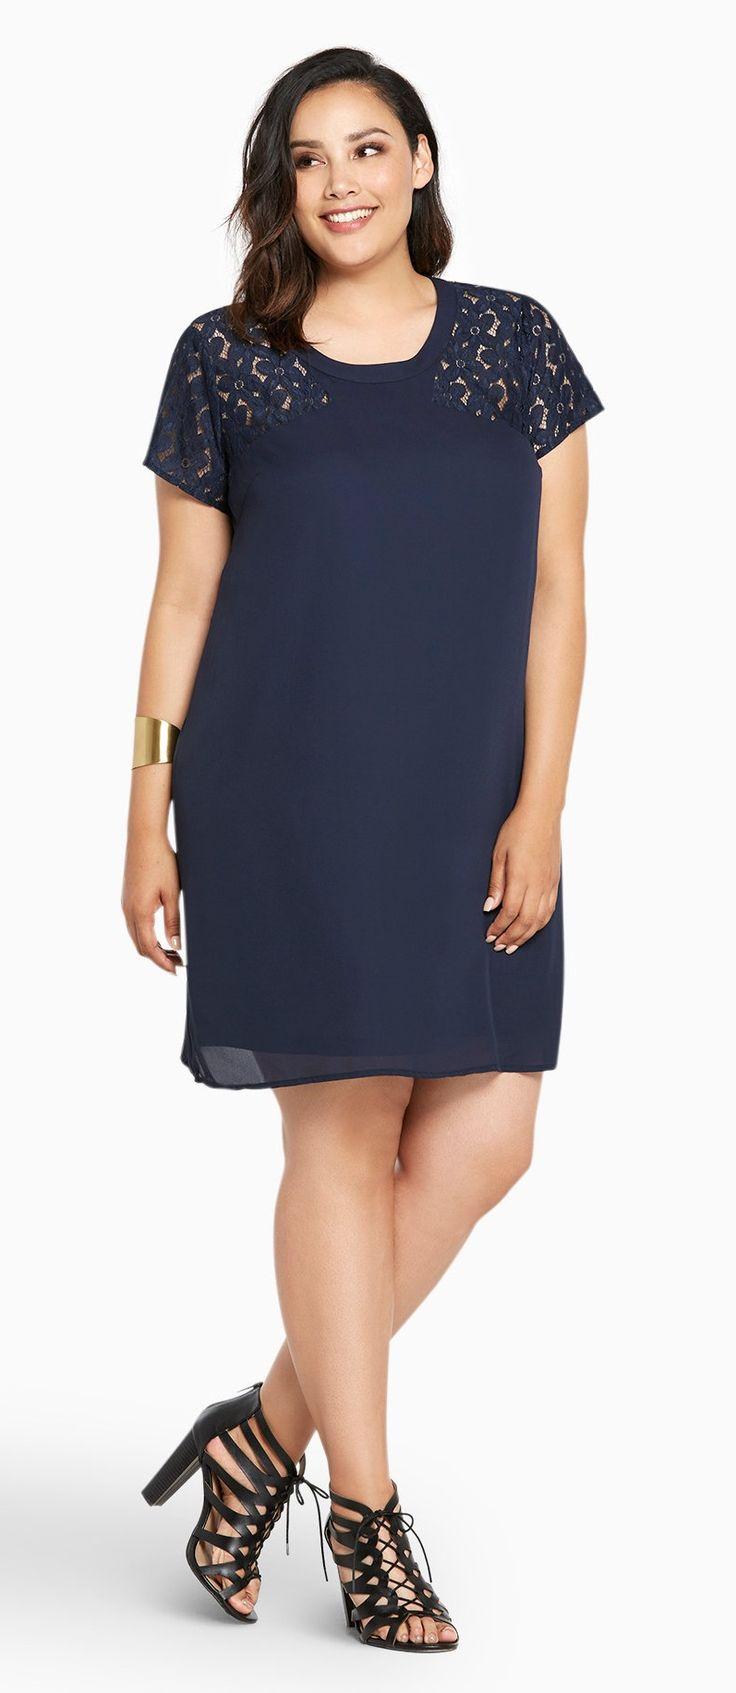 Dress size 24 torrid dress 24 torrid black and white draped v neck - Plus Size Lace Inset Shift Dress